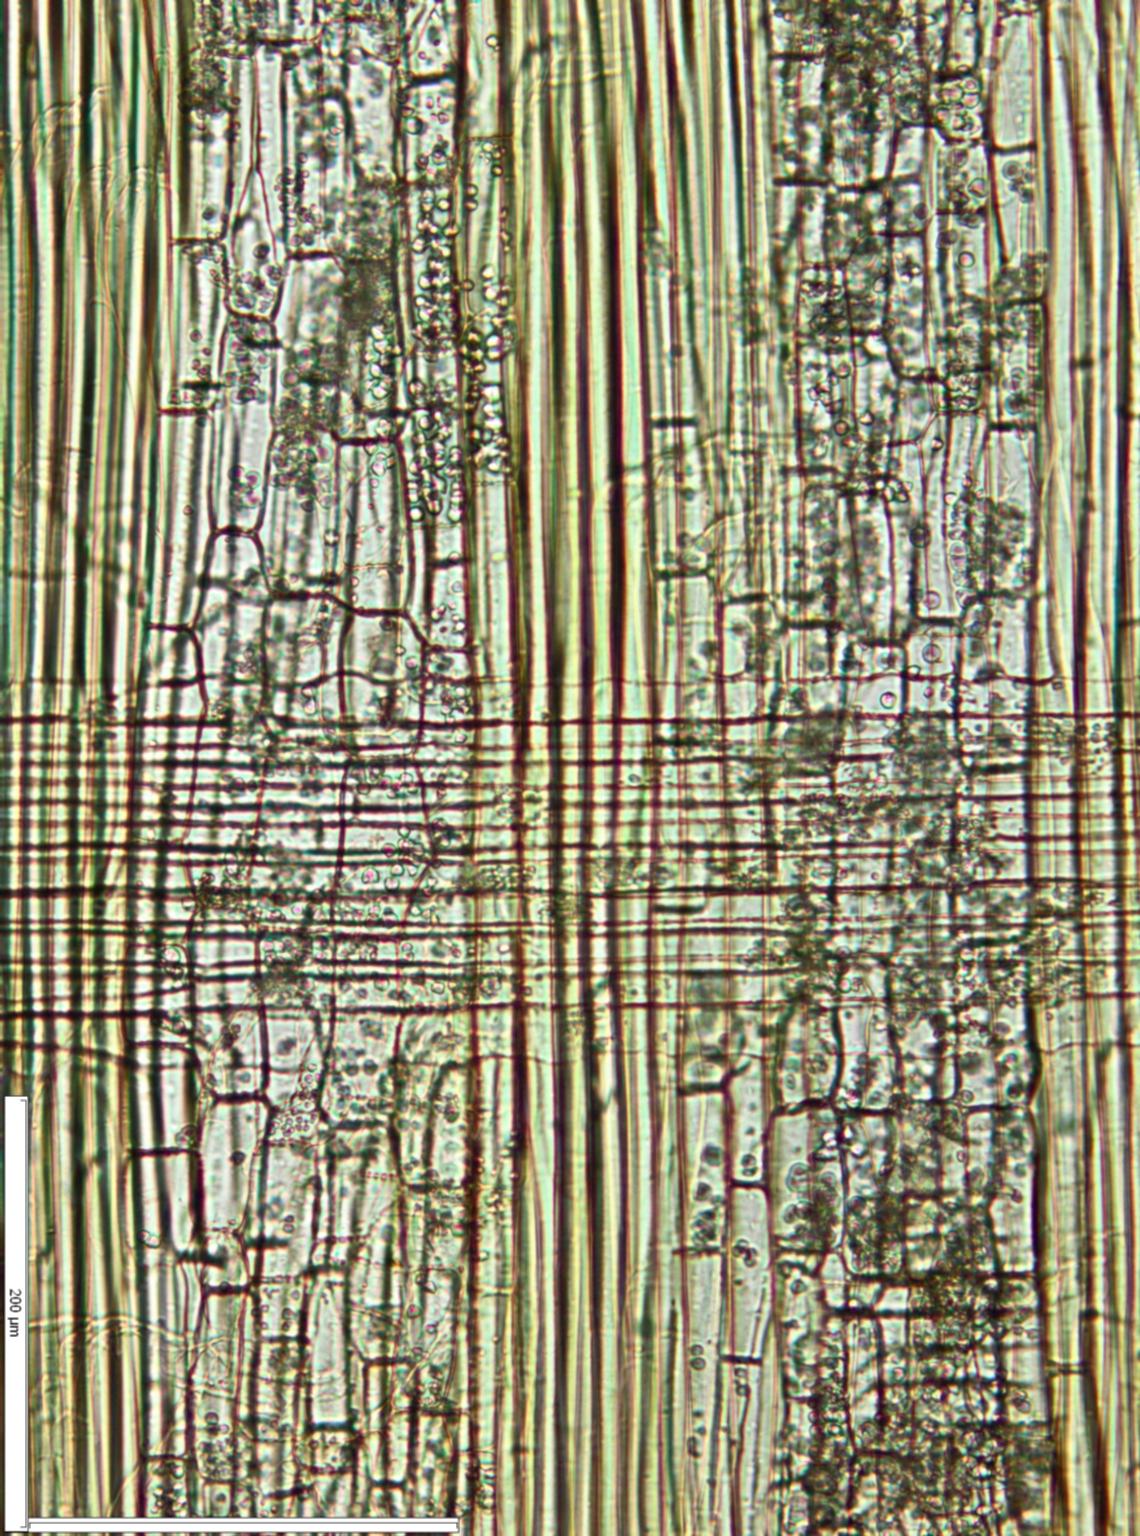 LEGUMINOSAE CAESALPINIOIDEAE Mimosoid Clade Albizia adianthifolia